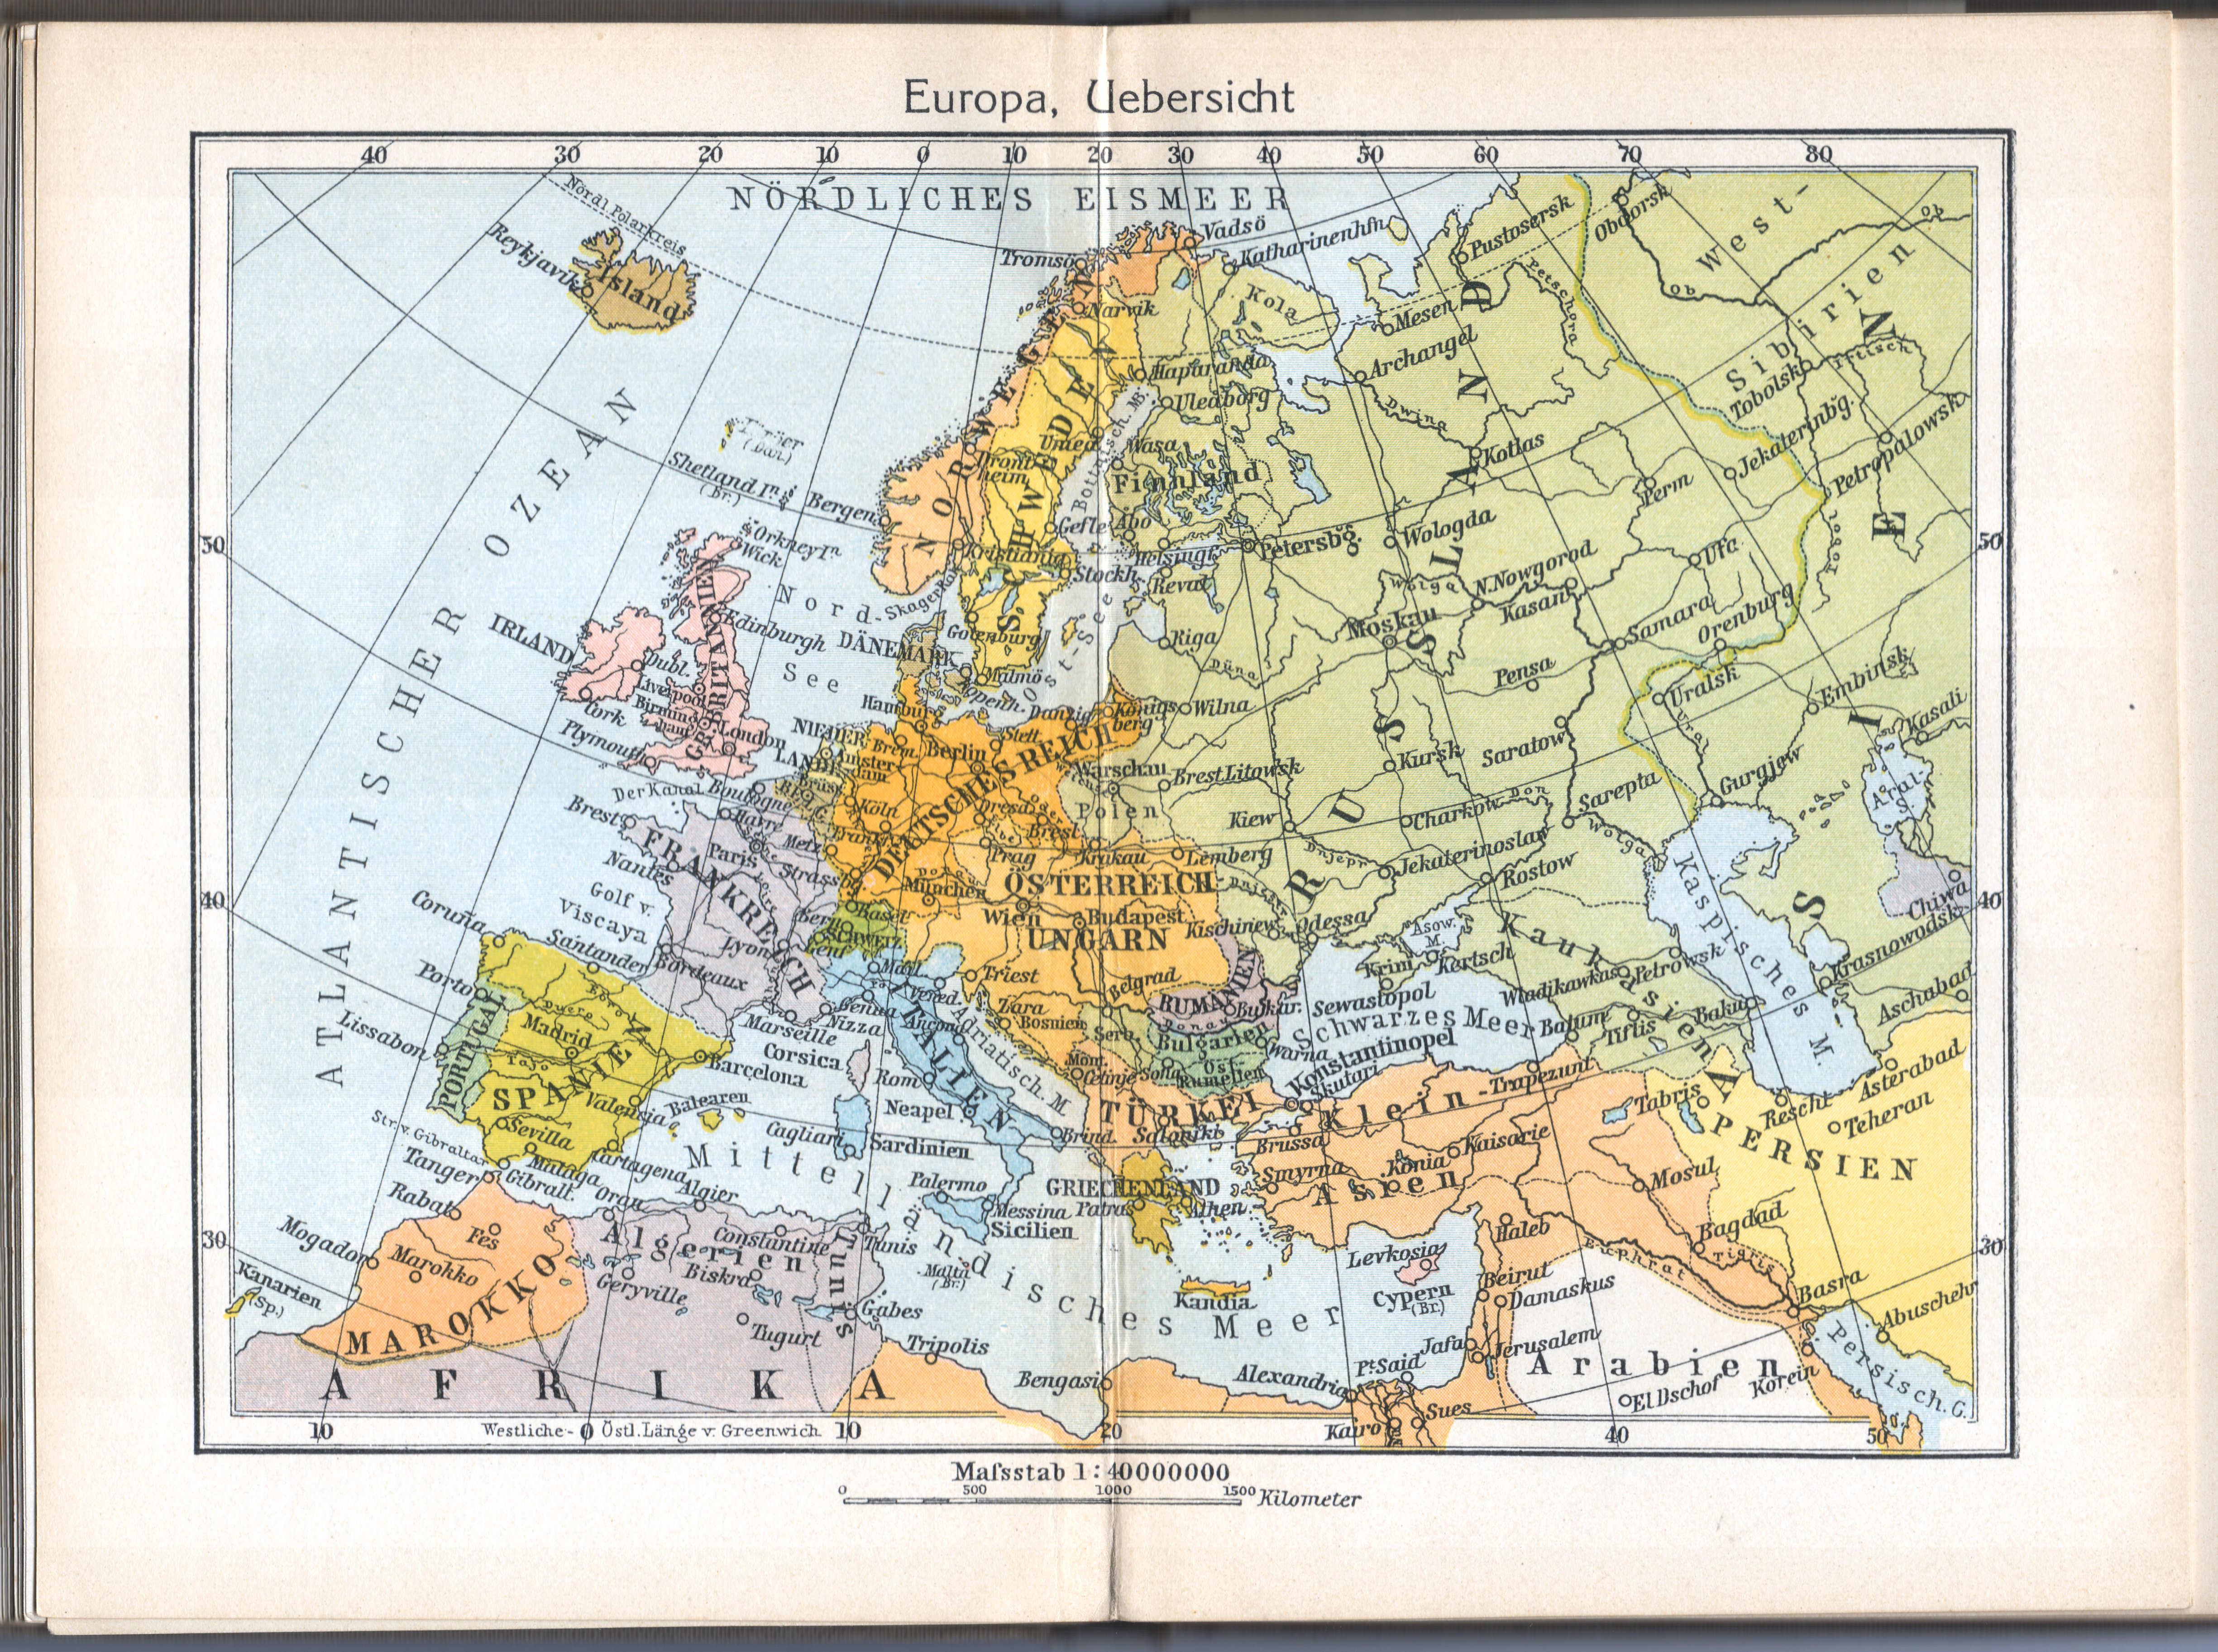 V Singers neuer vollständiger Taschen-Atlas, 1913 en 1905